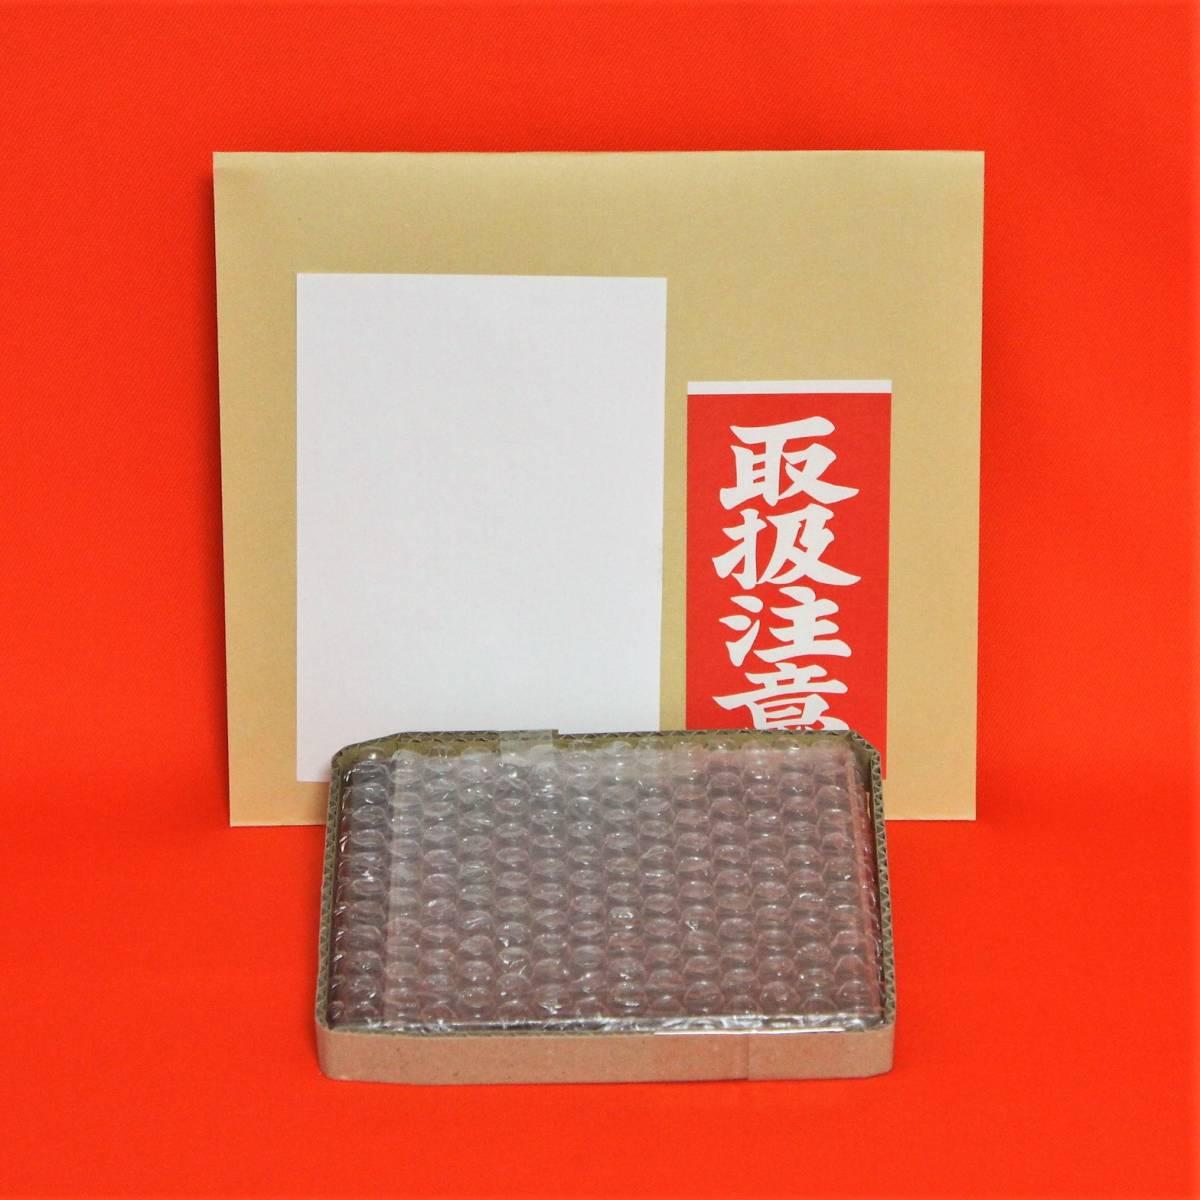 ミュージカル CD ◆ MAMMA MIA! マンマ・ミーア! オリジナル・ロンドン・キャスト 国内盤 ABBA アバ /B29169_梱包例になります。